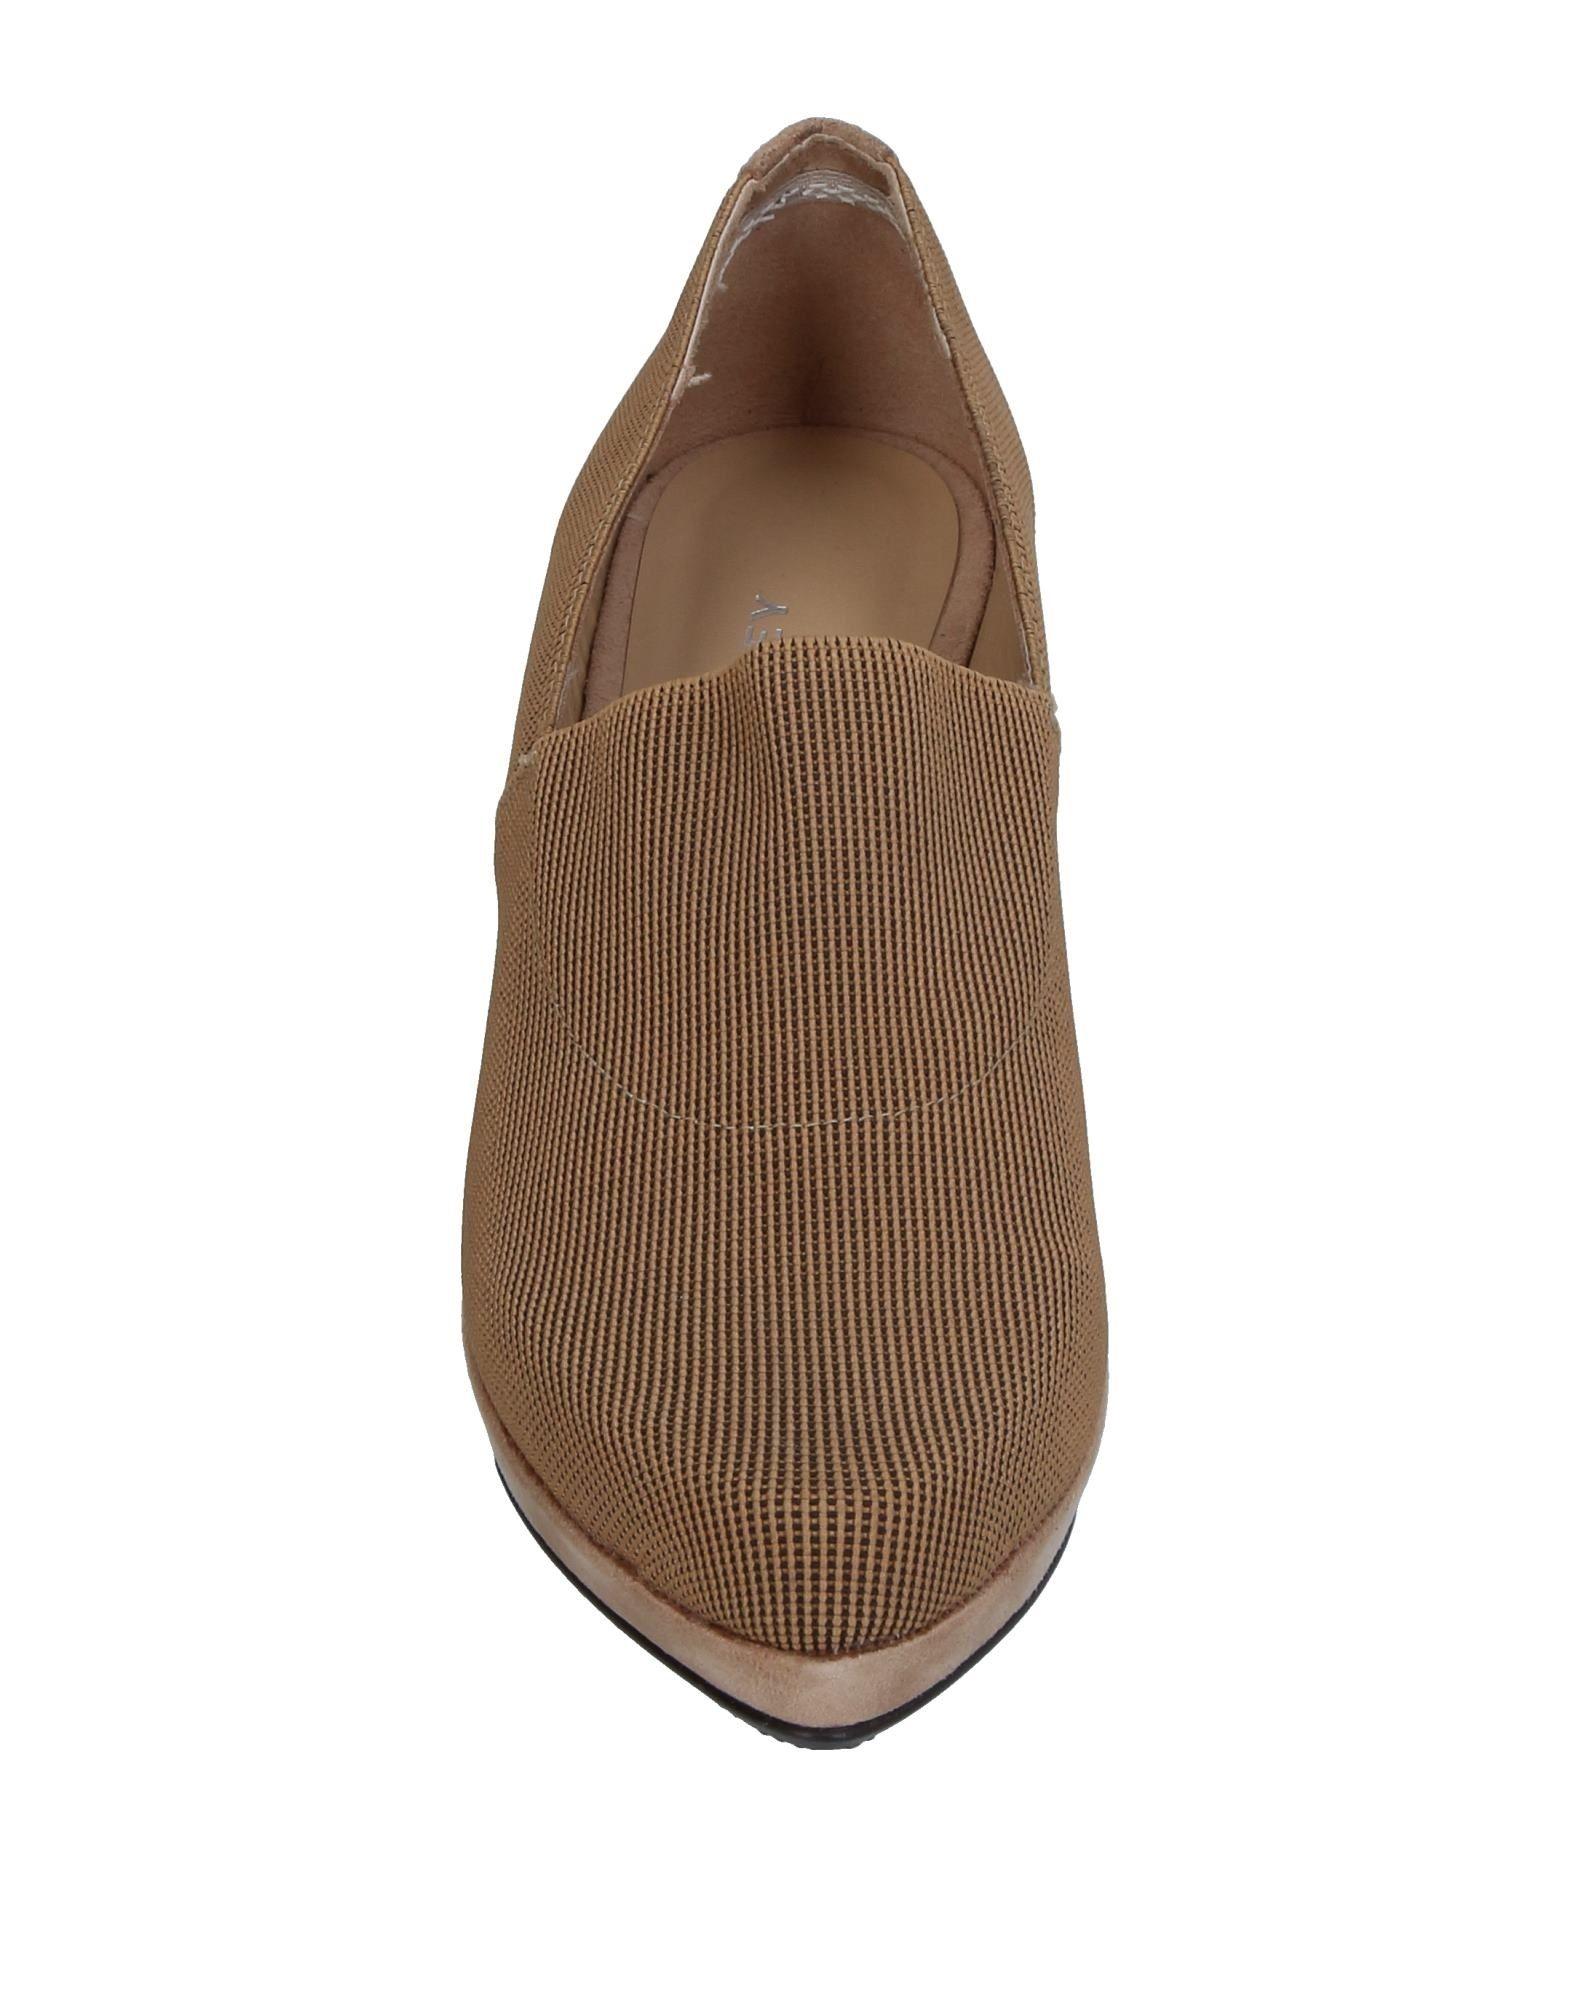 Audley Mokassins Damen  11366368RS Gute Qualität beliebte Schuhe